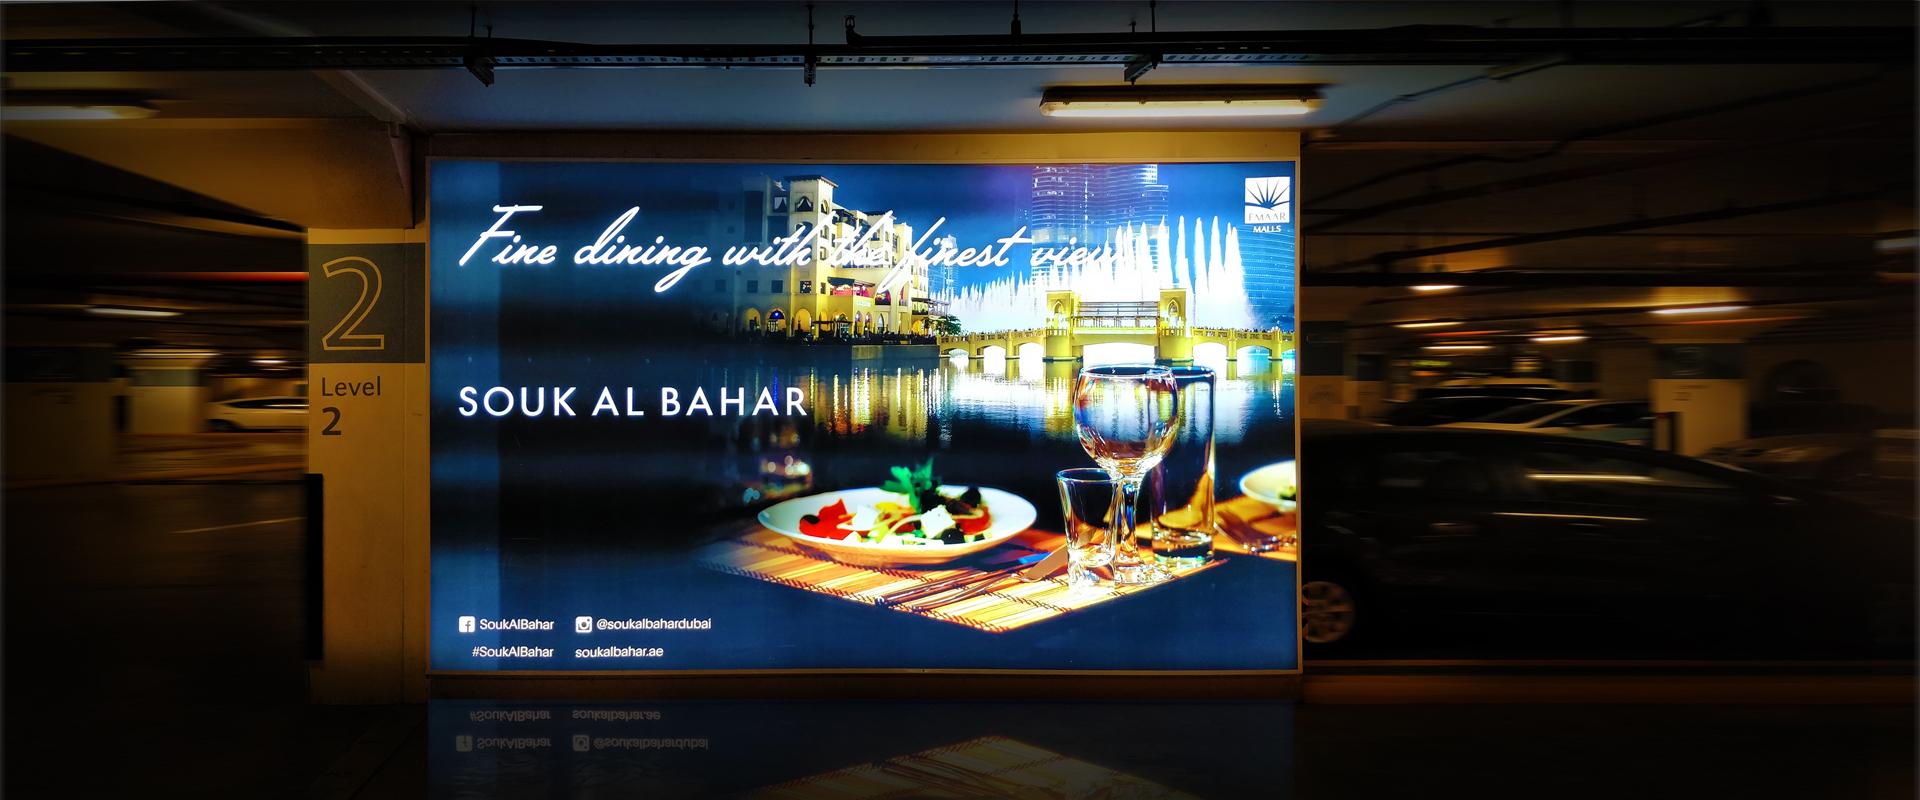 souq al bahar downtuwn, Dubai by emaarr, Lightbox